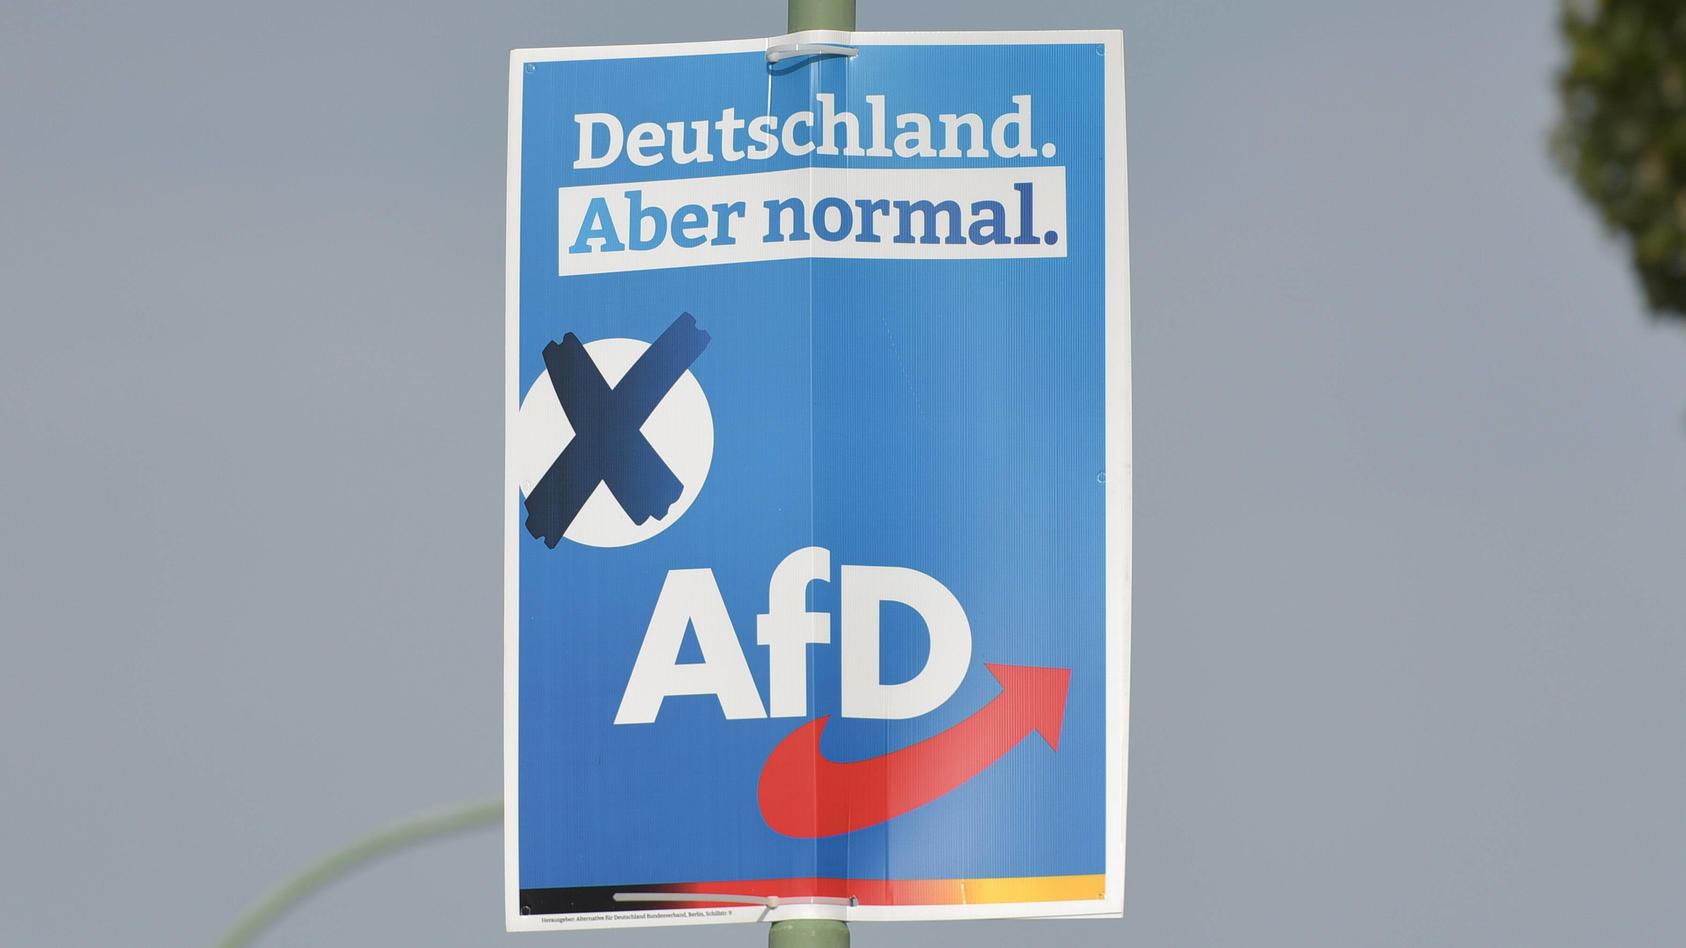 Hat die AfD illegale Parteispenden für Wahlplakate angenommen?